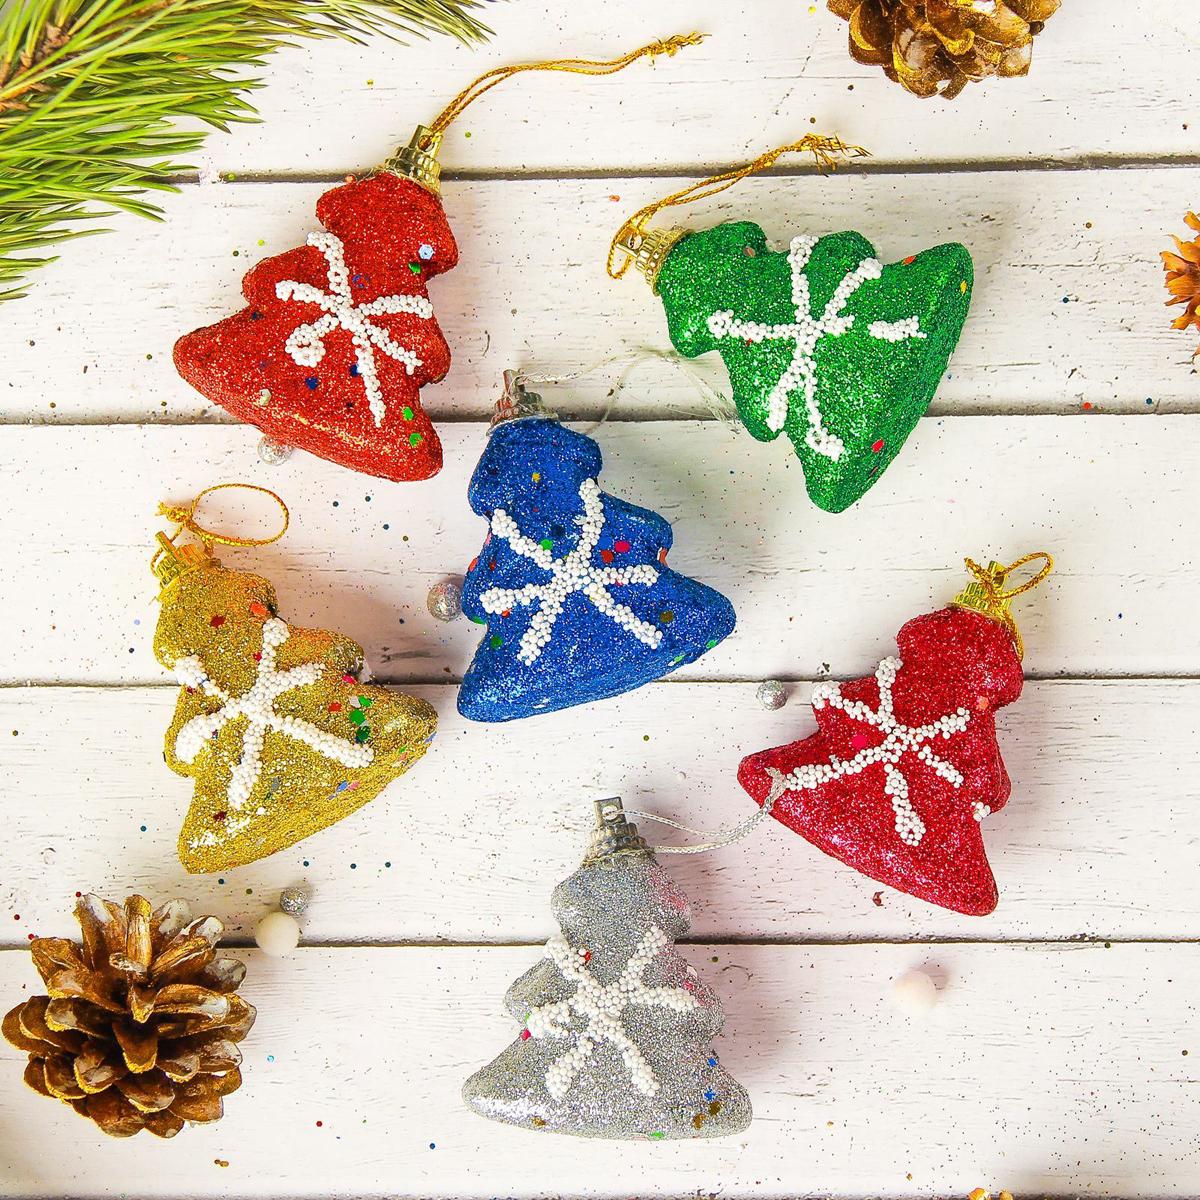 Набор новогодних подвесных украшений Sima-land елка. Блеск, 5 х 4,5 см, 6 шт2372141Набор новогодних подвесных украшений Sima-land отлично подойдет для декорации вашего дома и новогодней ели. Новогодние украшения можно повесить в любом понравившемся вам месте. Но, конечно, удачнее всего они будет смотреться на праздничной елке.Елочная игрушка - символ Нового года. Она несет в себе волшебство и красоту праздника. Такое украшение создаст в вашем доме атмосферу праздника, веселья и радости.